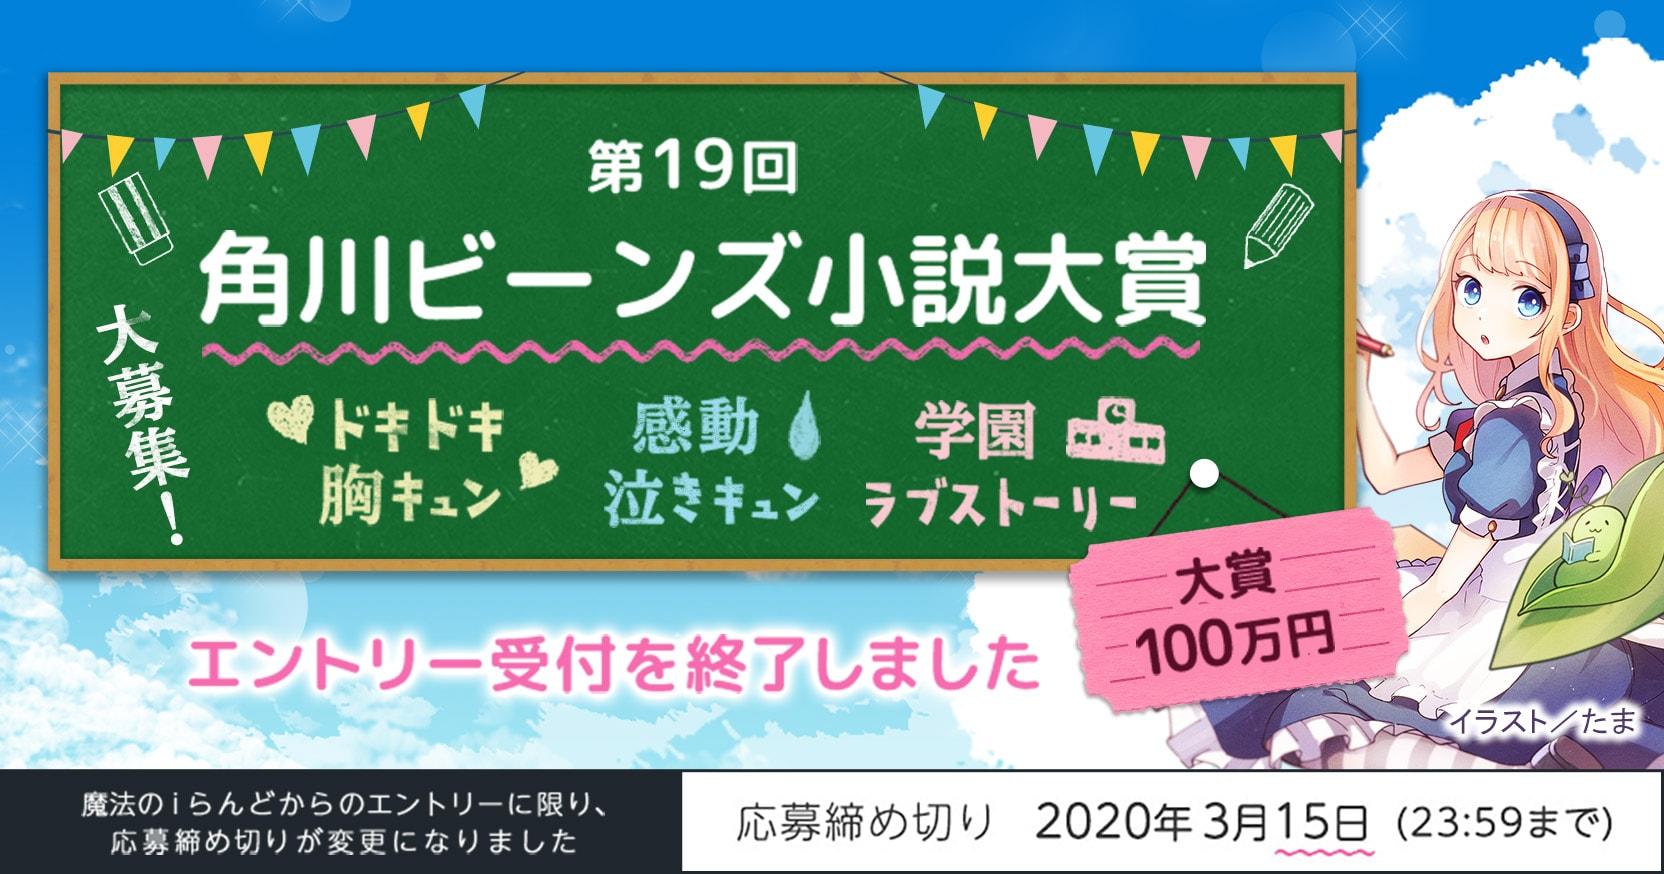 第19回 角川ビーンズ小説大賞